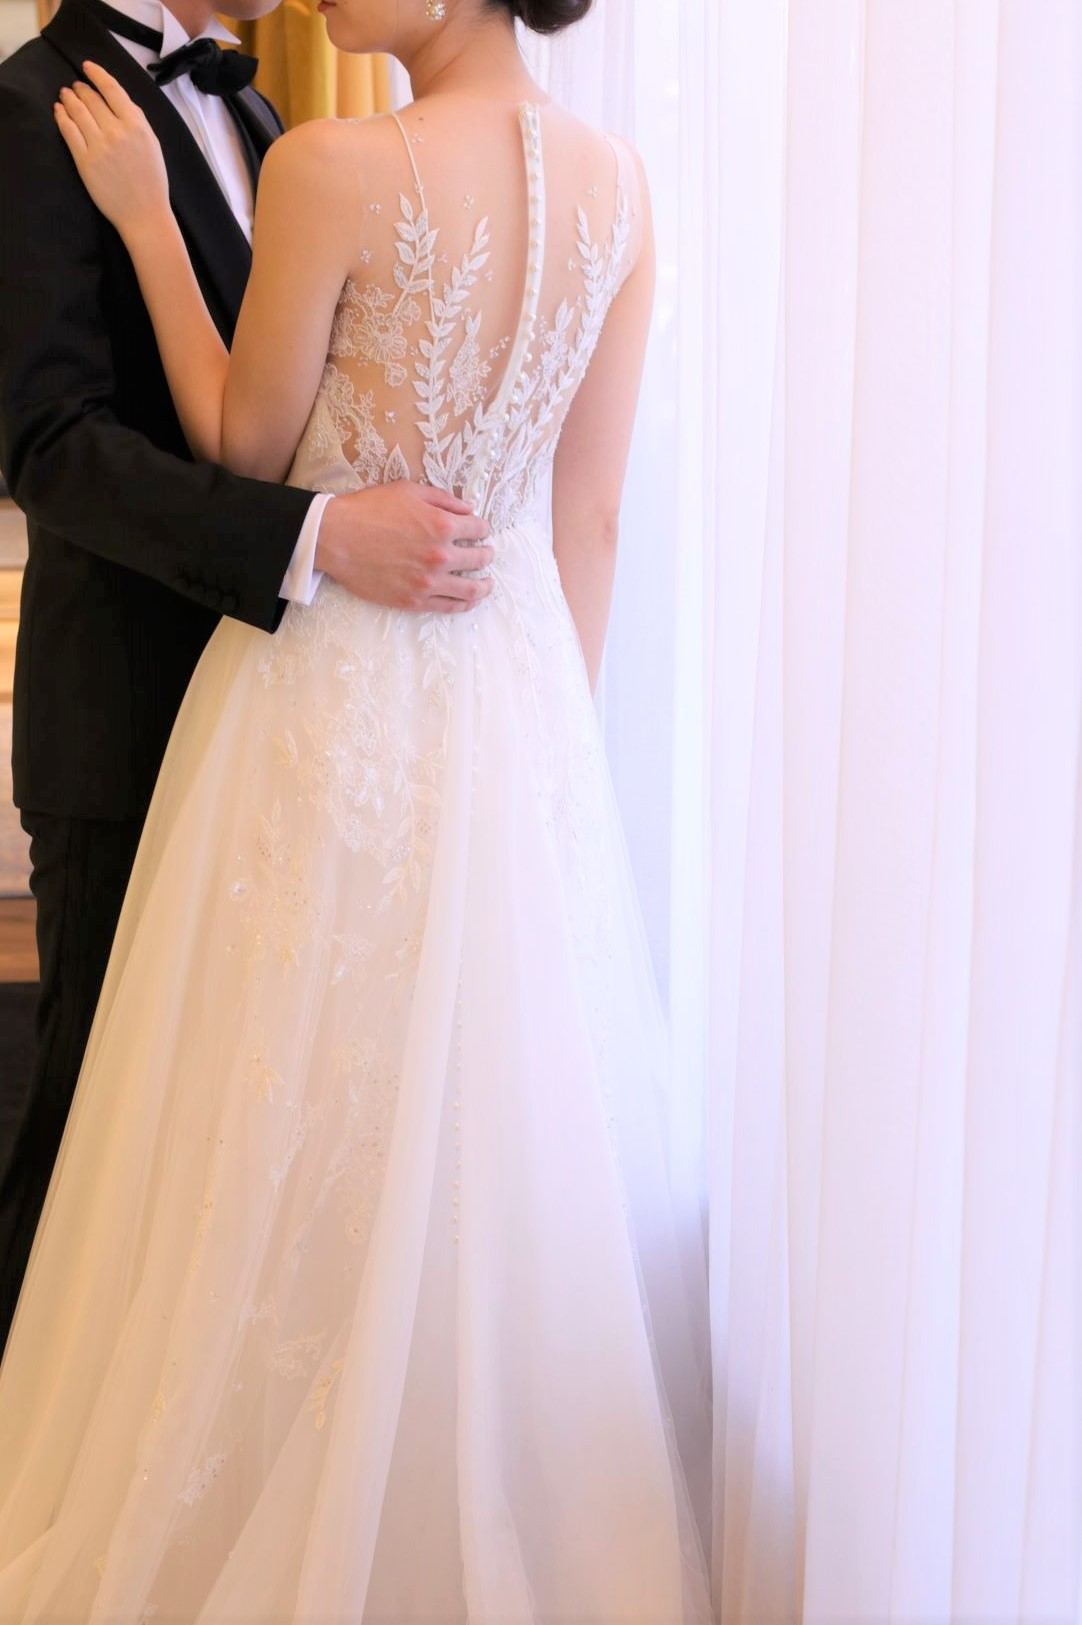 ニューヨークのラグジュアリーブランド、リームアクラから新作で入荷したAラインのドレスは、透明感溢れるチュールが自然光がたっぷりと差し込むパレスホテル東京のチャペルにも映える一着